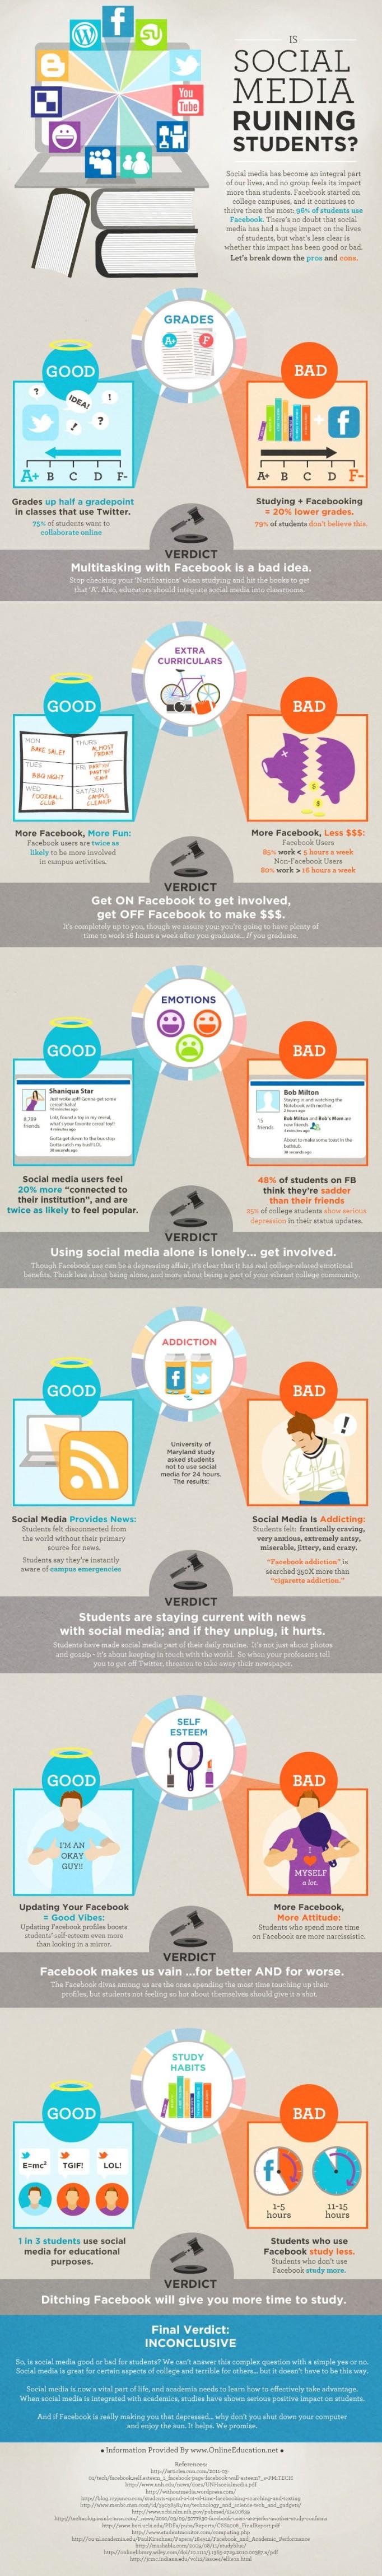 Is Social Media ruining students?